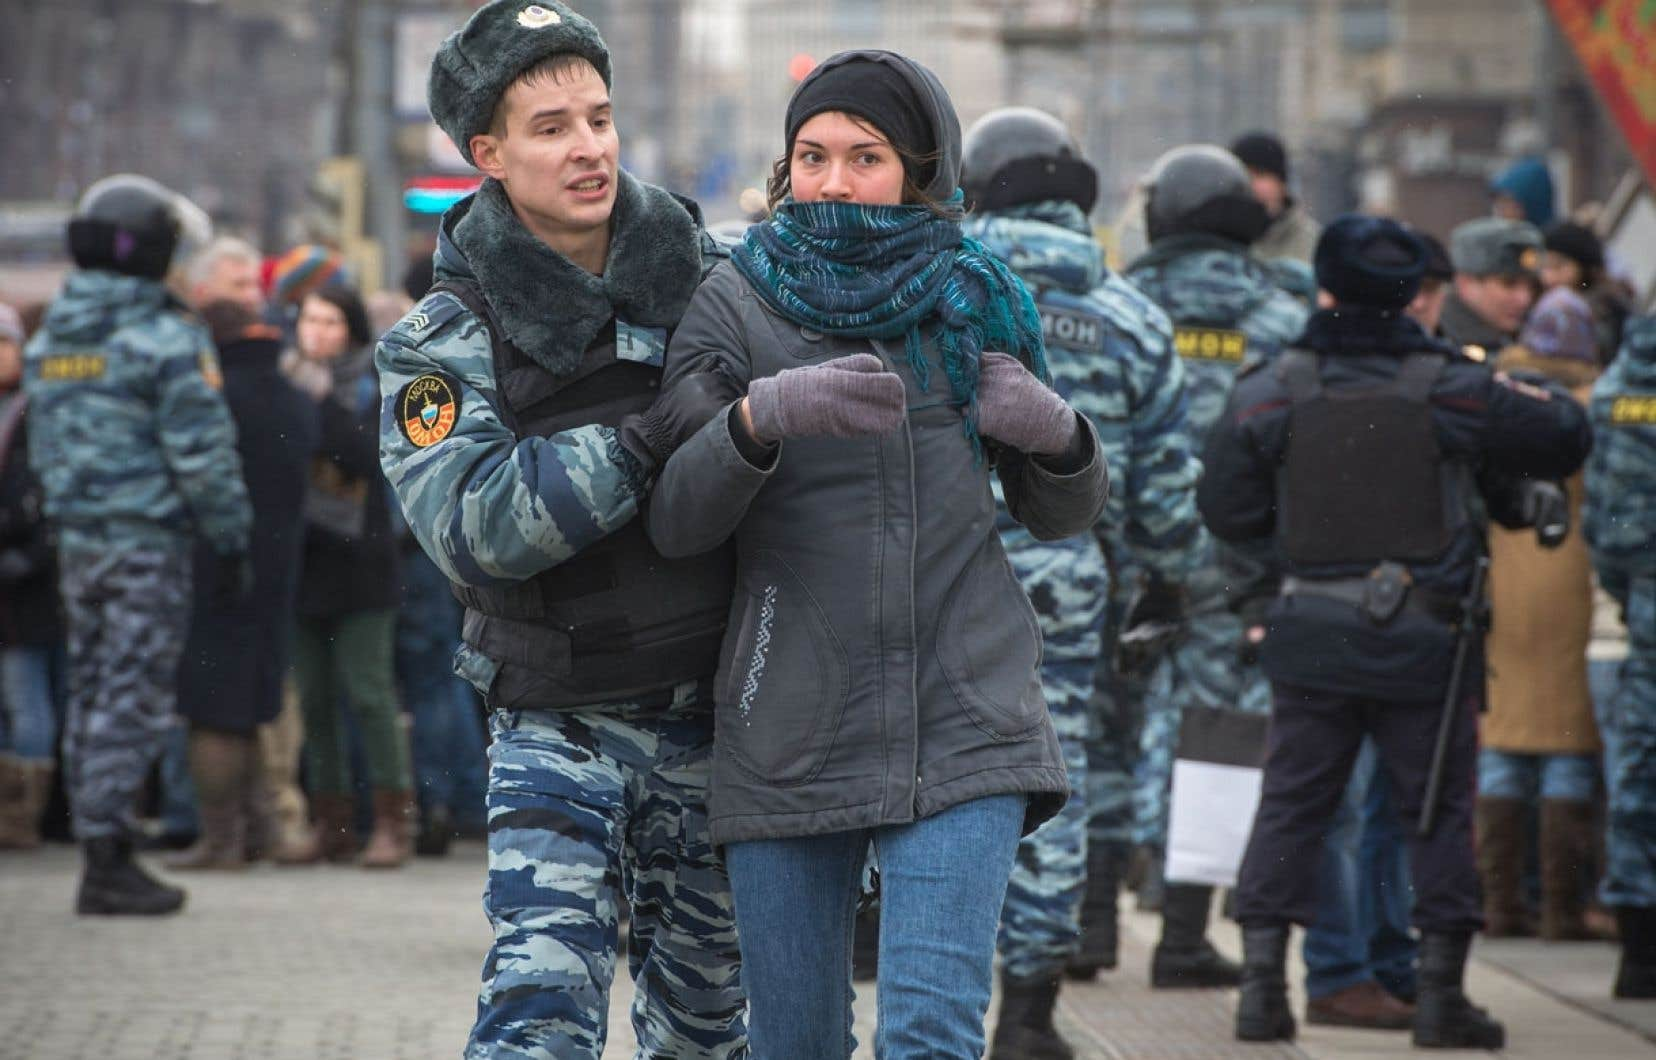 Des centaines de personnes ont été arrêtées dimanche à Moscou (ci-dessus) et à Saint-Pétersbourg au cours de manifestations contre l'intervention militaire russe en Crimée.